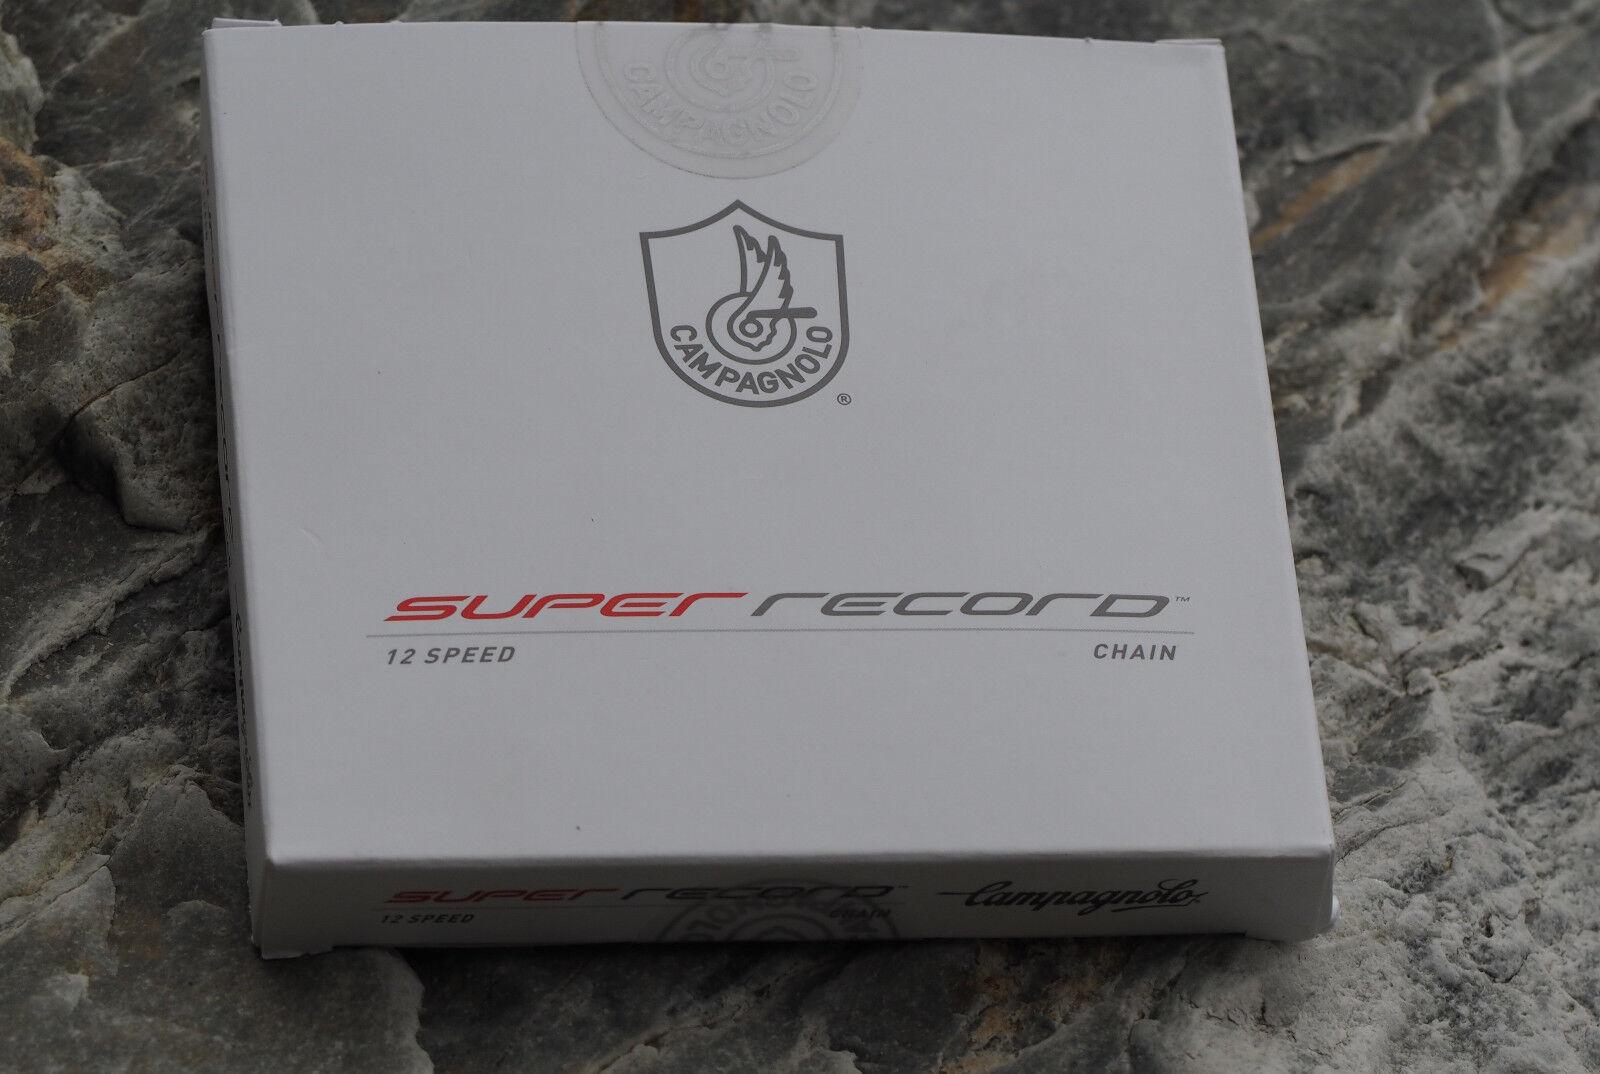 Campagnolo Super Record 12 fach Kette , 12 Speed Chain , Rennrad